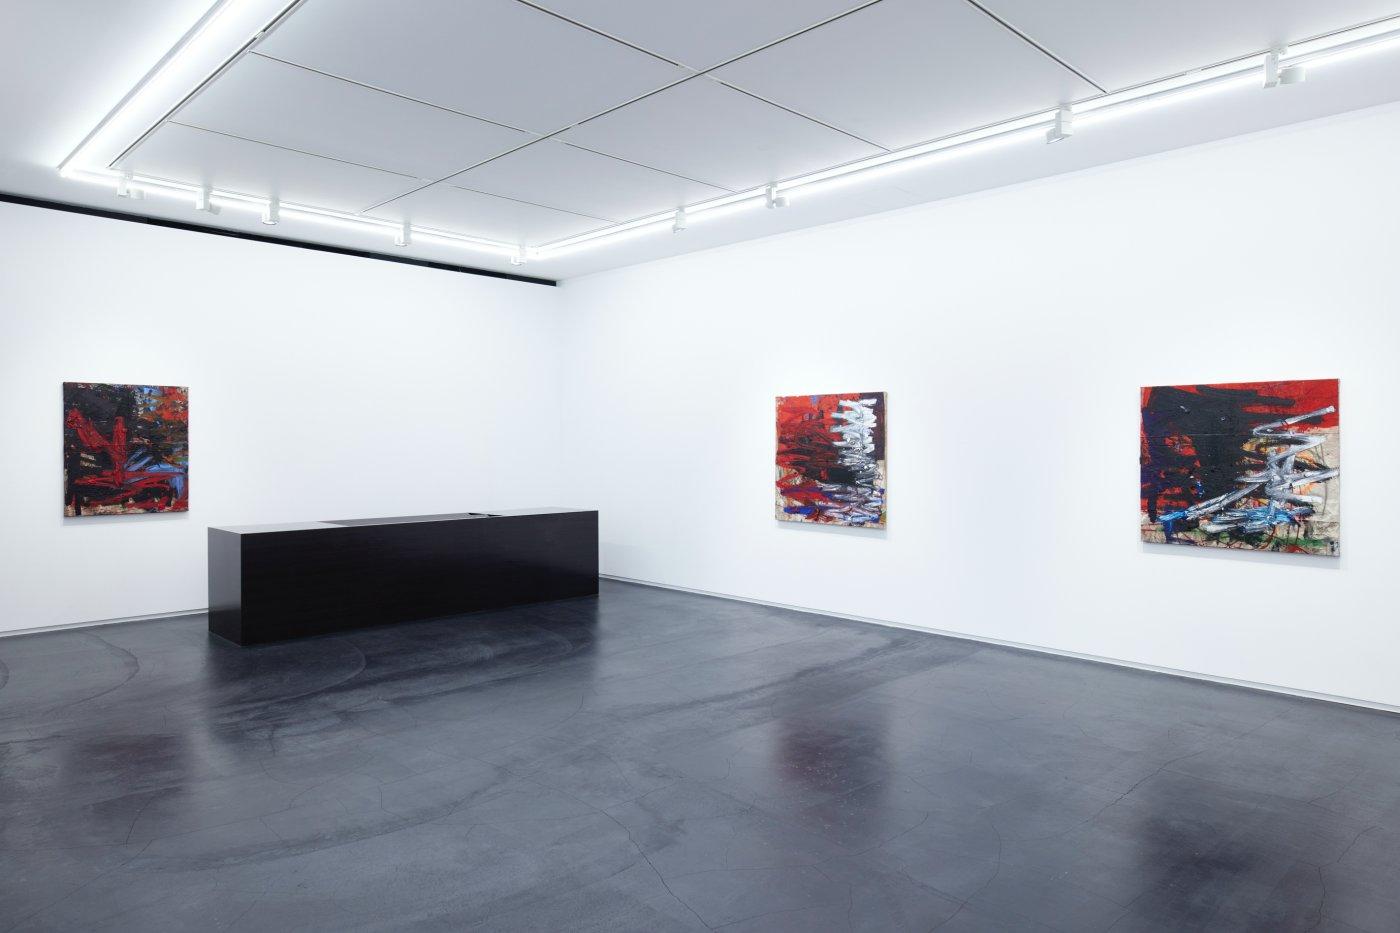 Taka Ishii Gallery Oscar Murillo 5